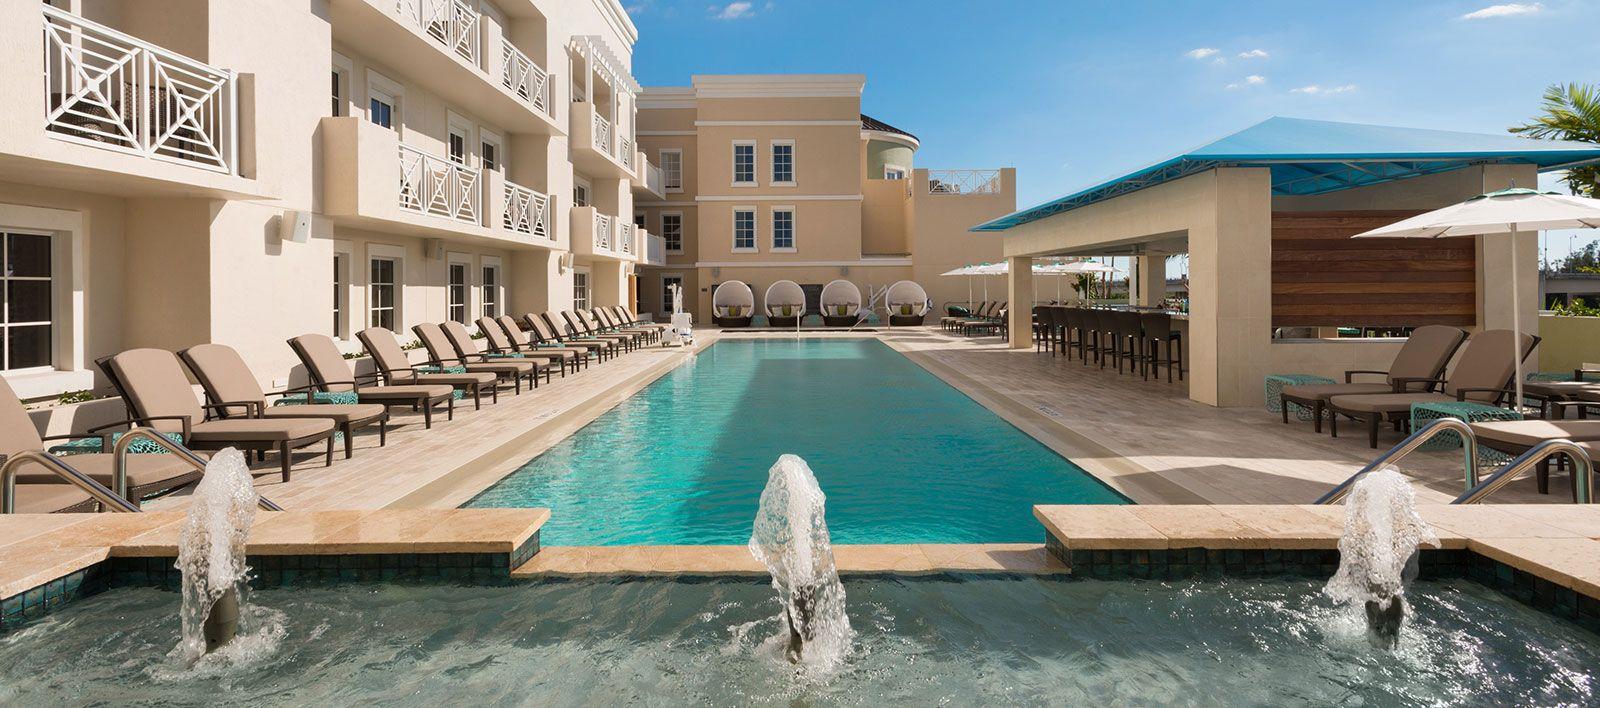 Best Hotels In Jupiter Florida Wyndham Grand At Harbourside